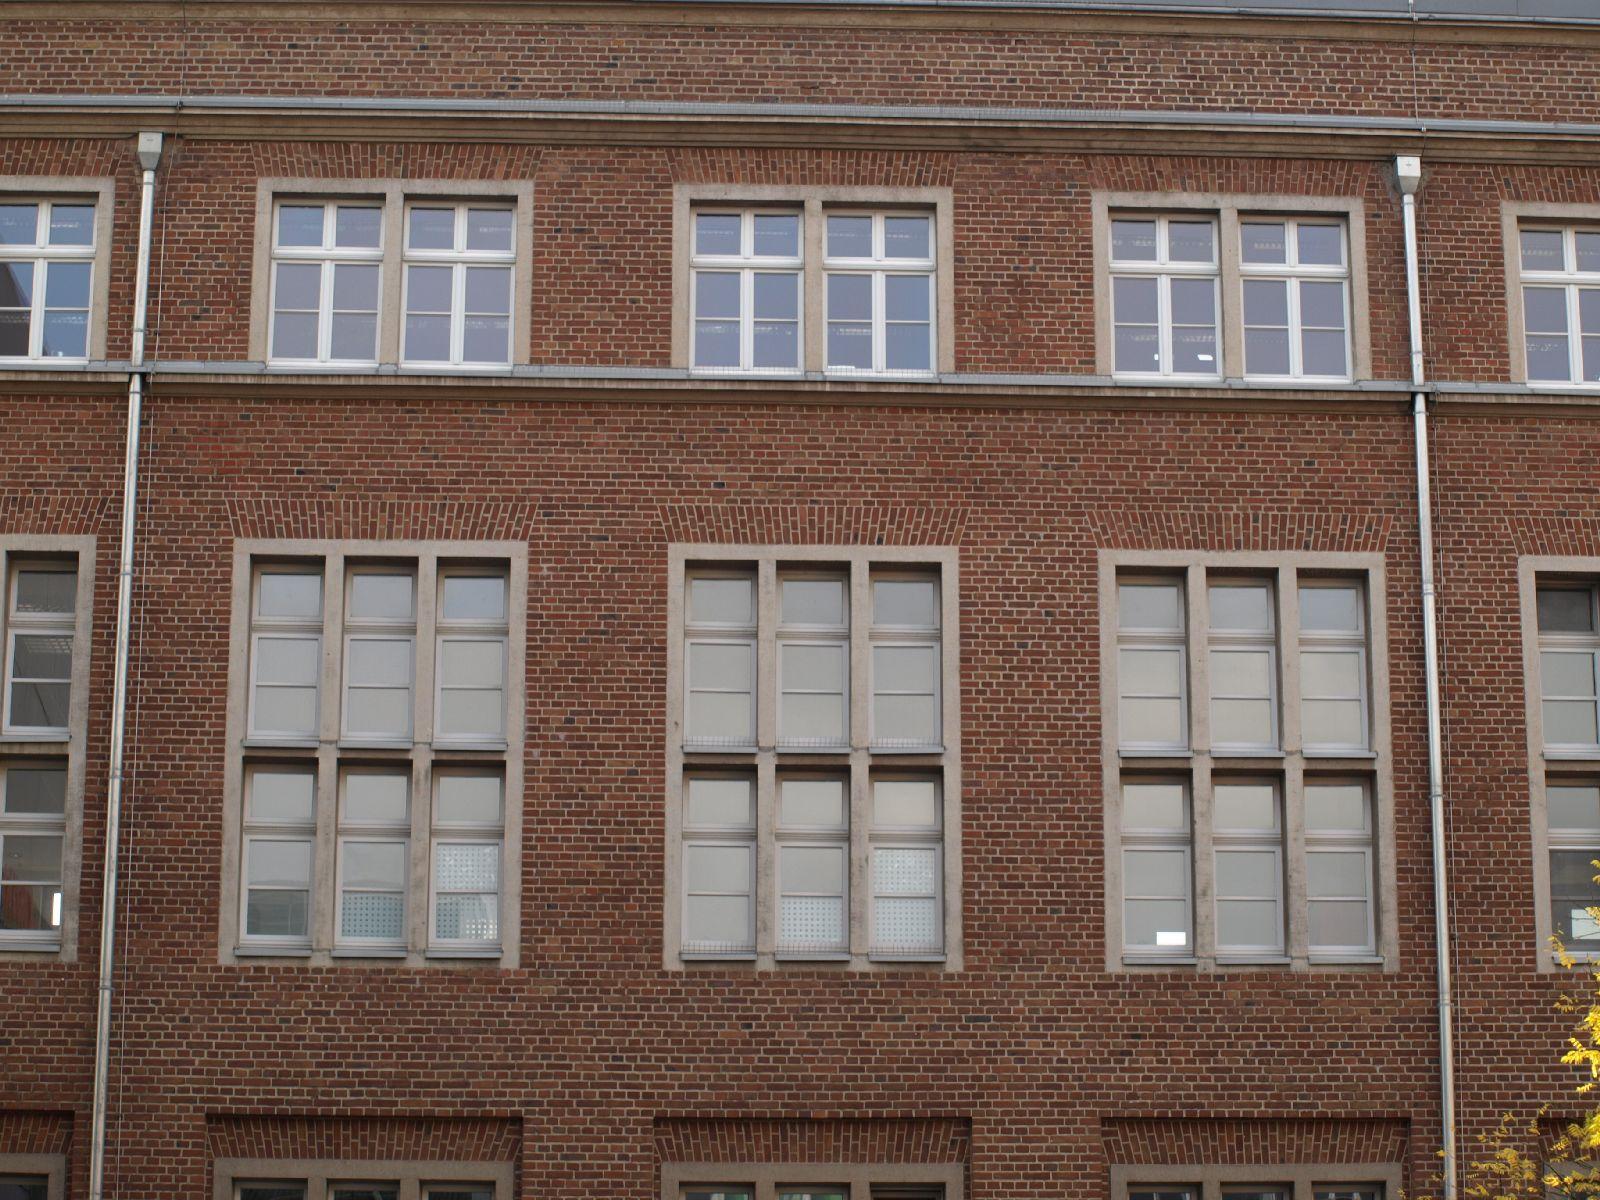 Building_Texture_A_PB010844